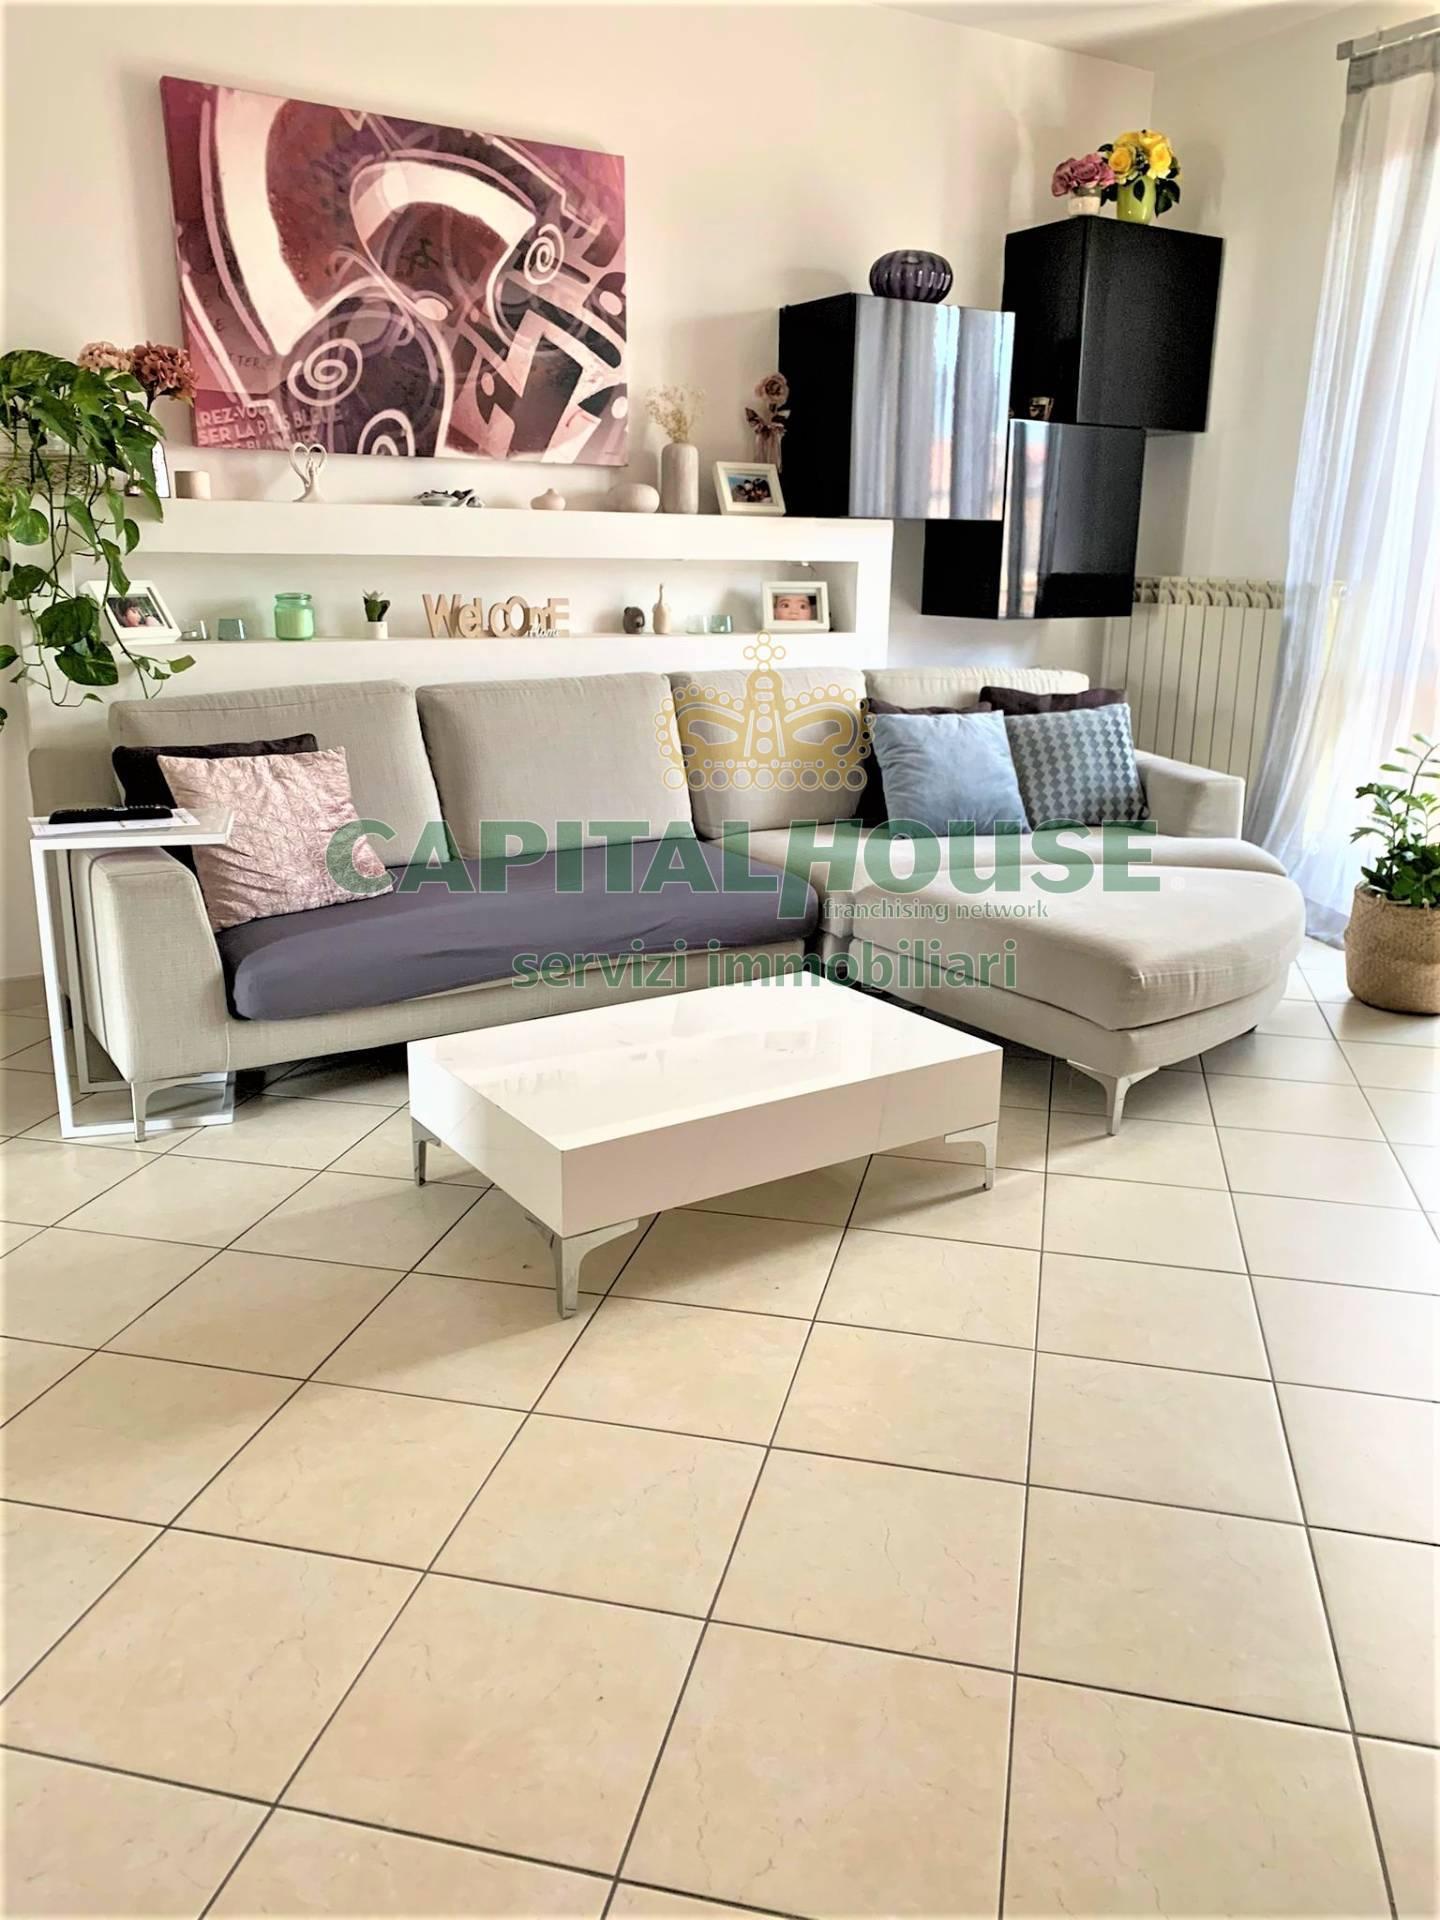 Appartamento in vendita a Sirignano, 4 locali, prezzo € 135.000 | CambioCasa.it